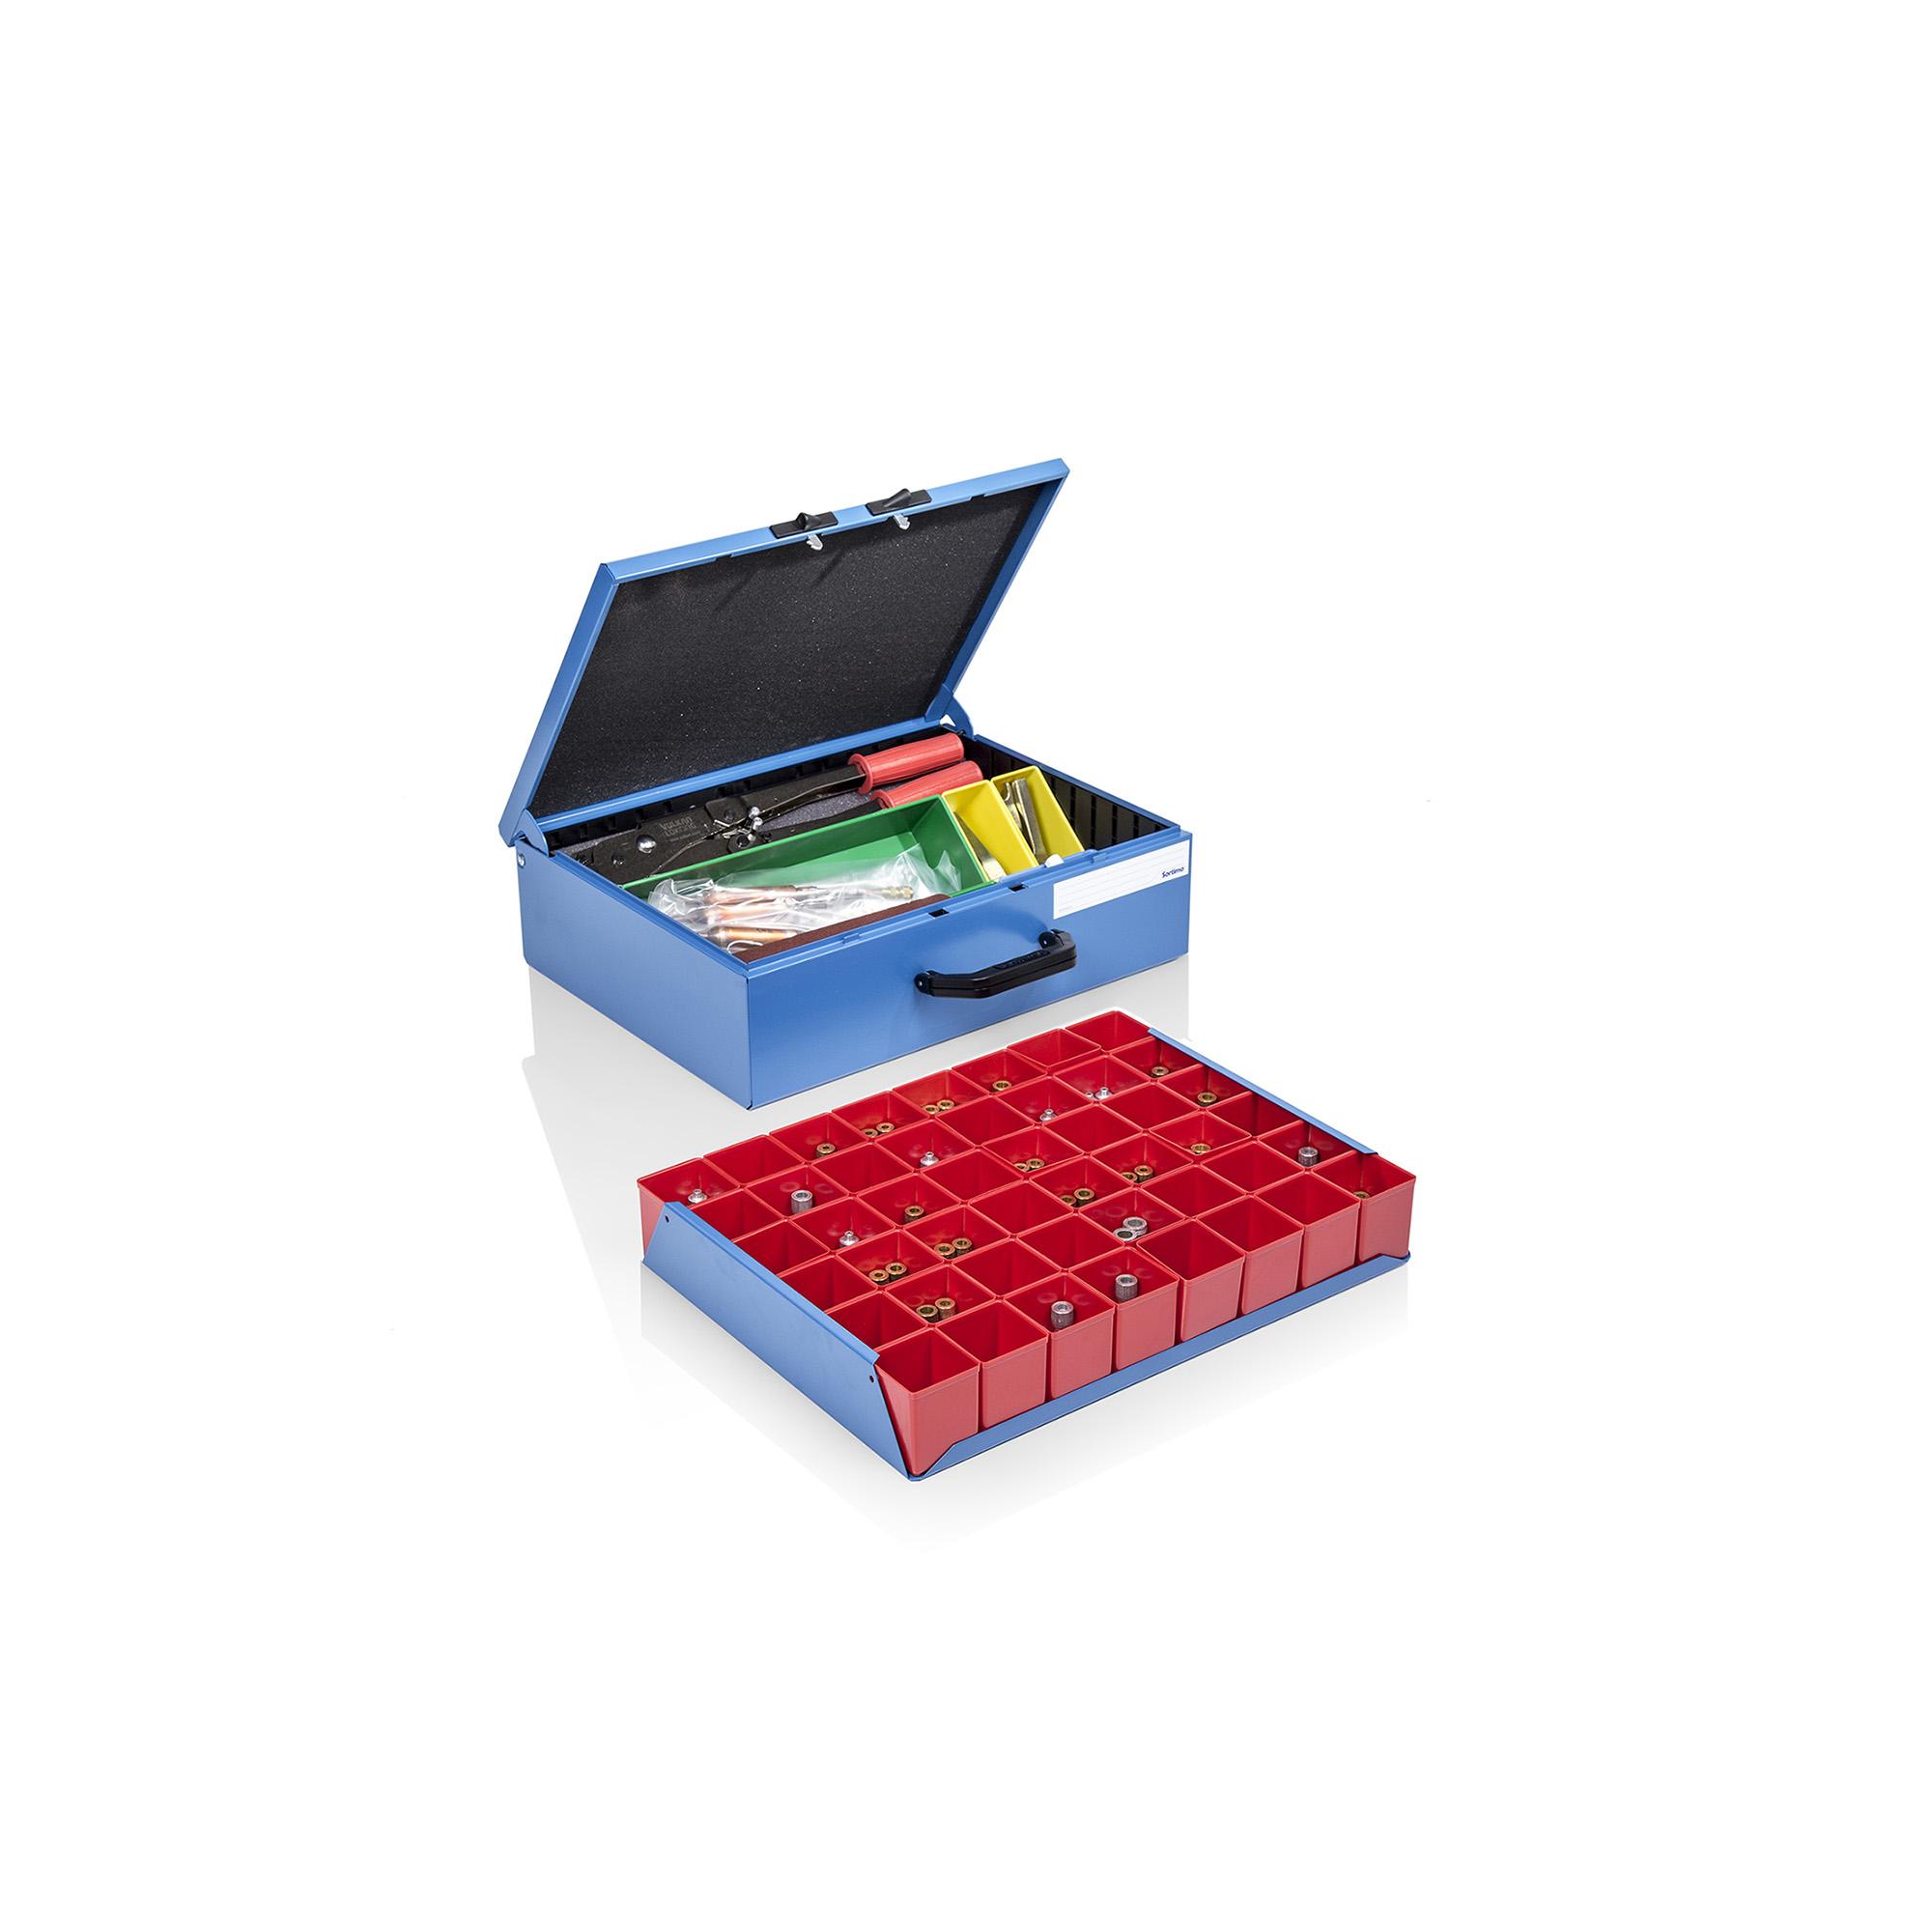 Starter Kits - LOKRING starter kit